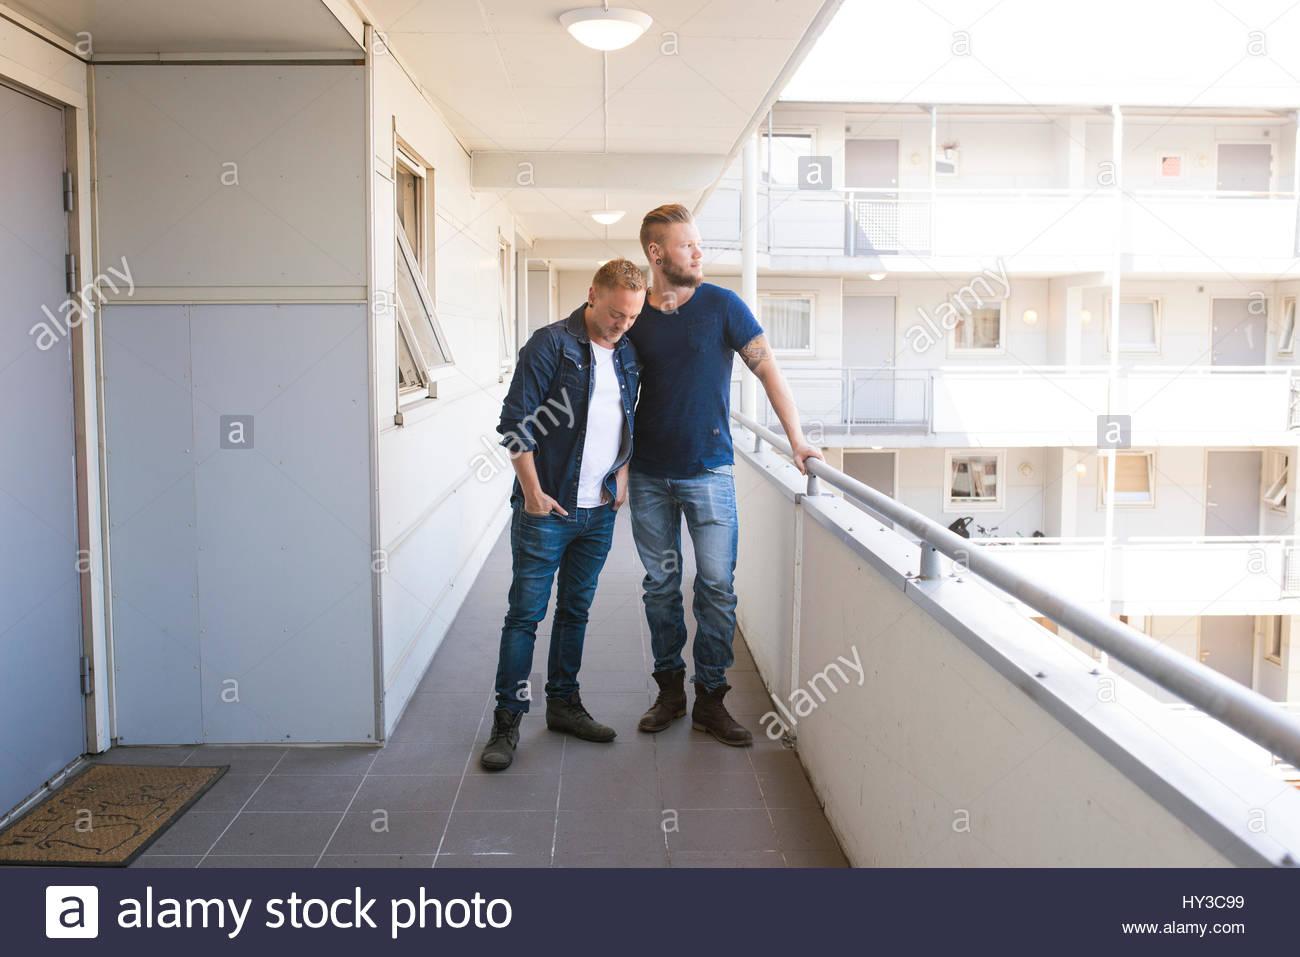 Norway, Oslo, Couple standing on balcony - Stock Image